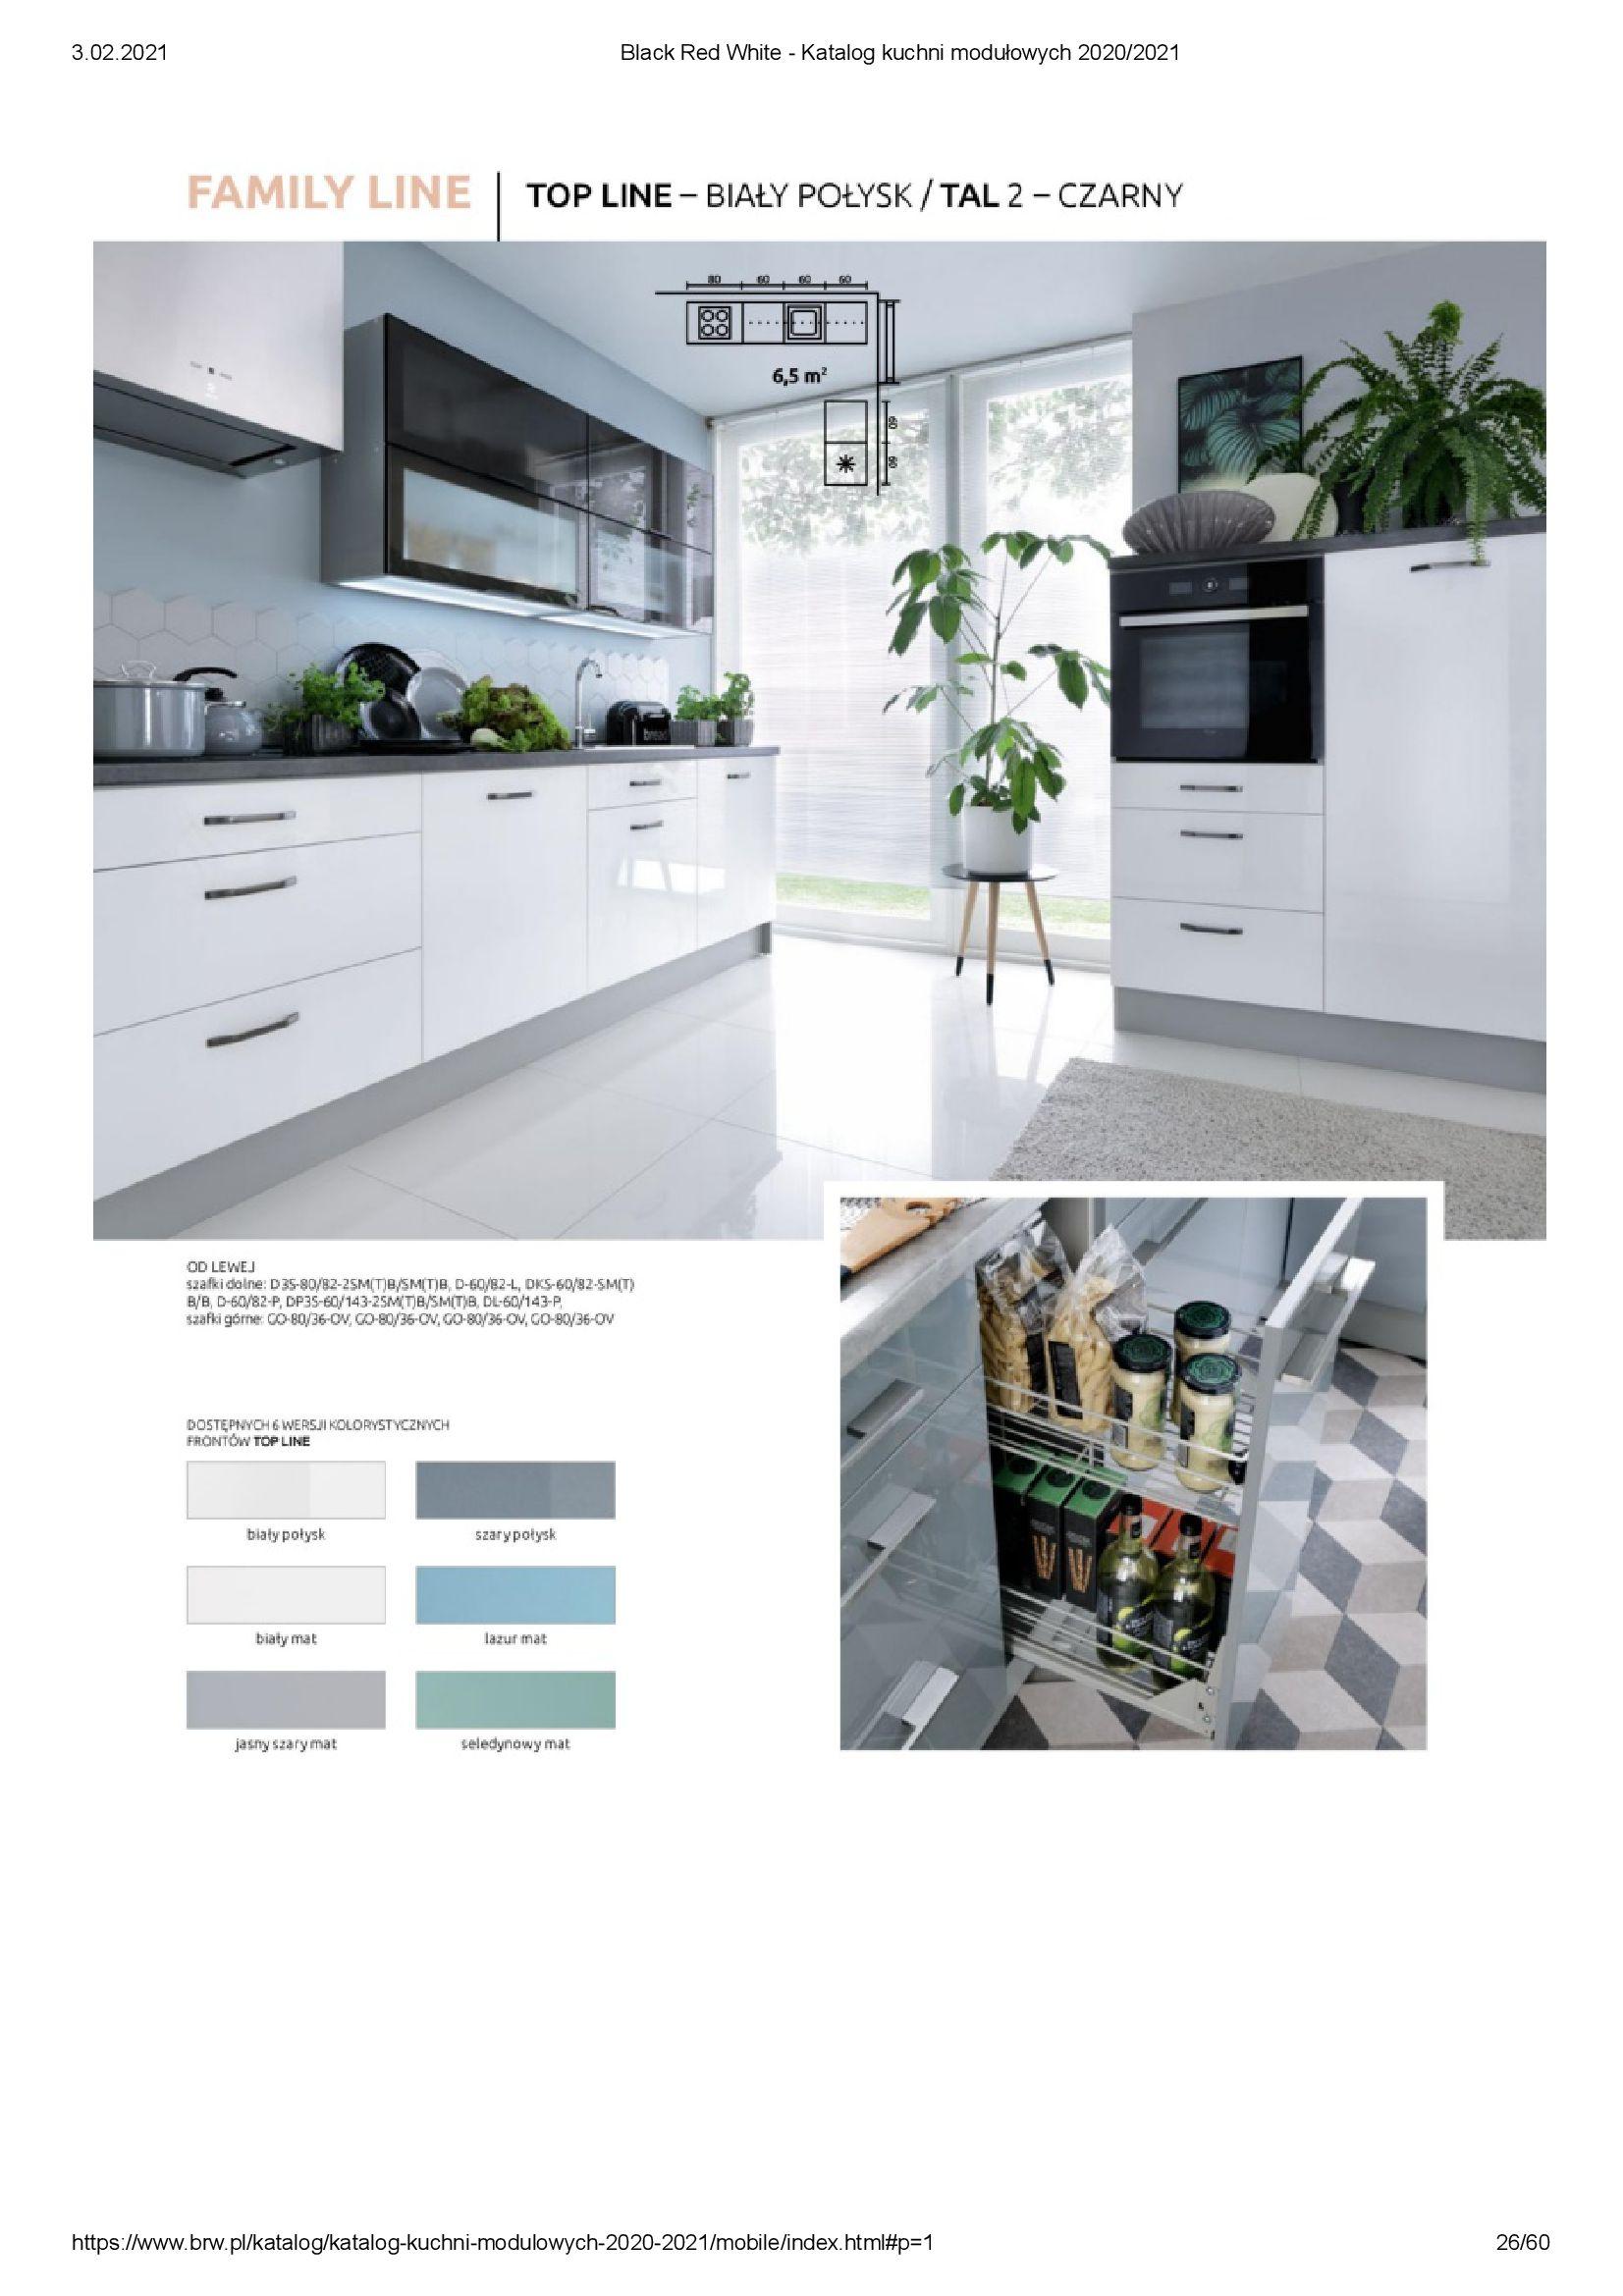 Gazetka Black Red White: Katalog - Kuchnie modułowe 2020/2021 2021-01-01 page-26